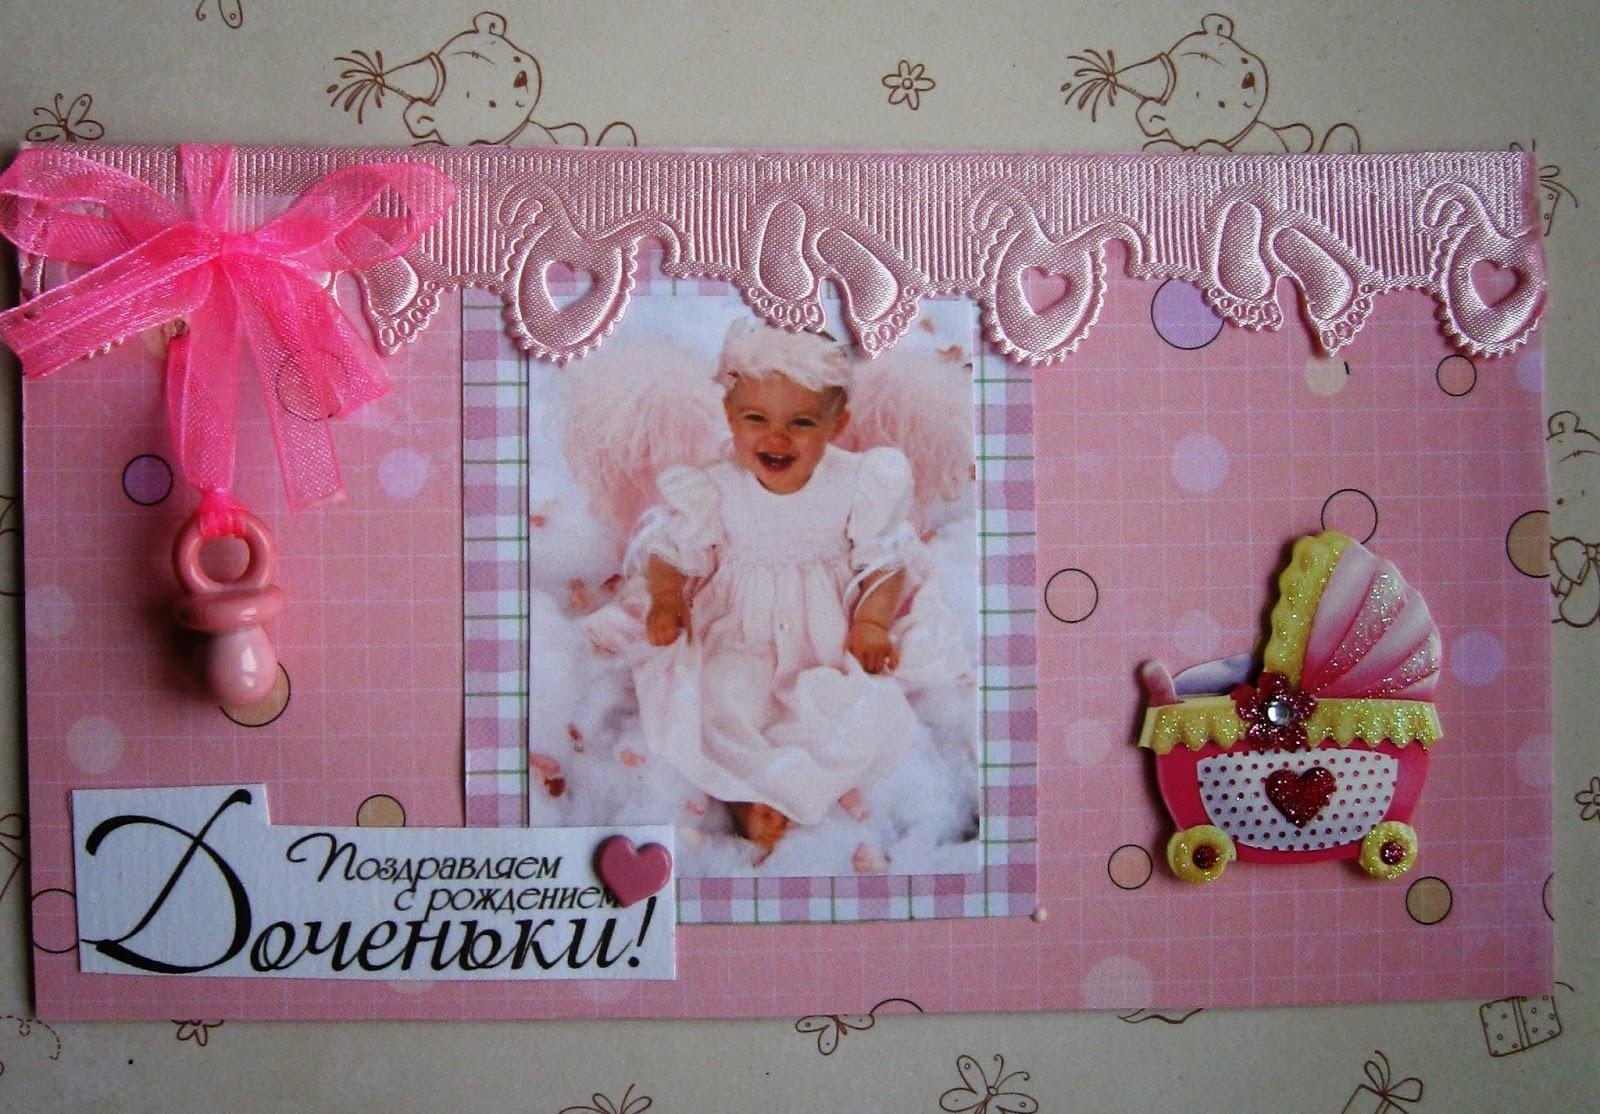 Поздравление с рождением внучки бабуле и дедуле